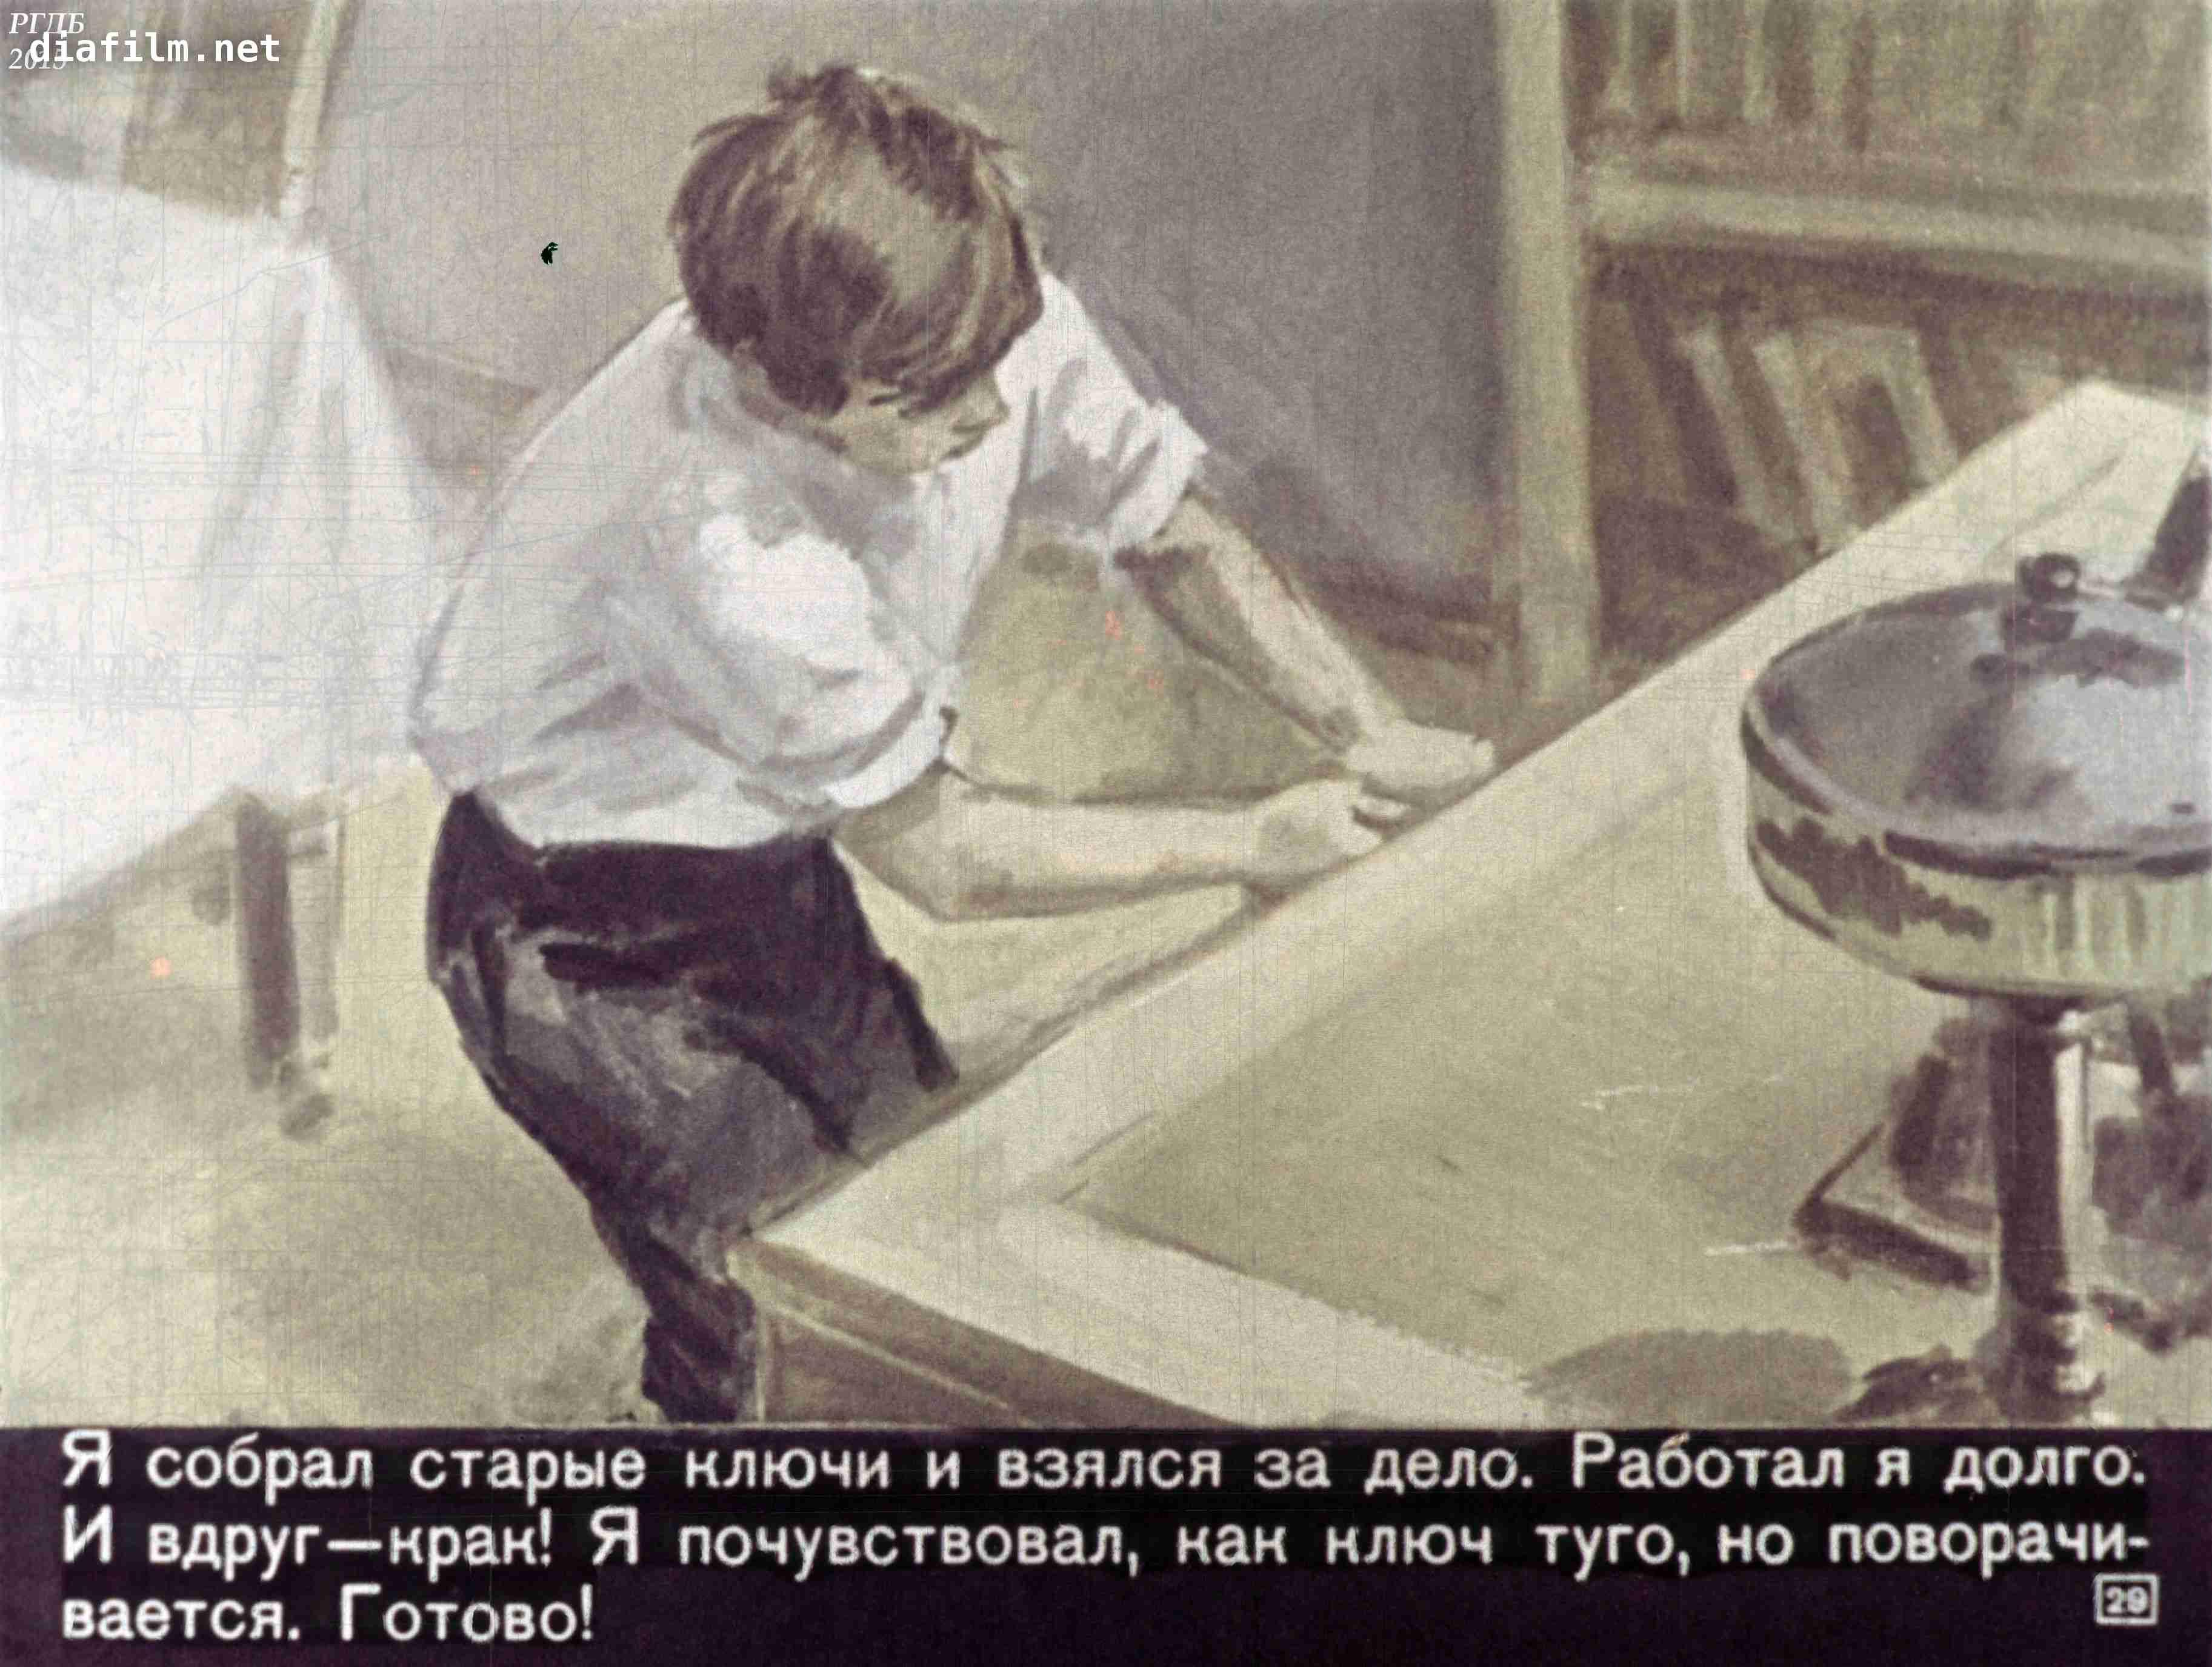 Судьба барабанщика картинки к рассказу